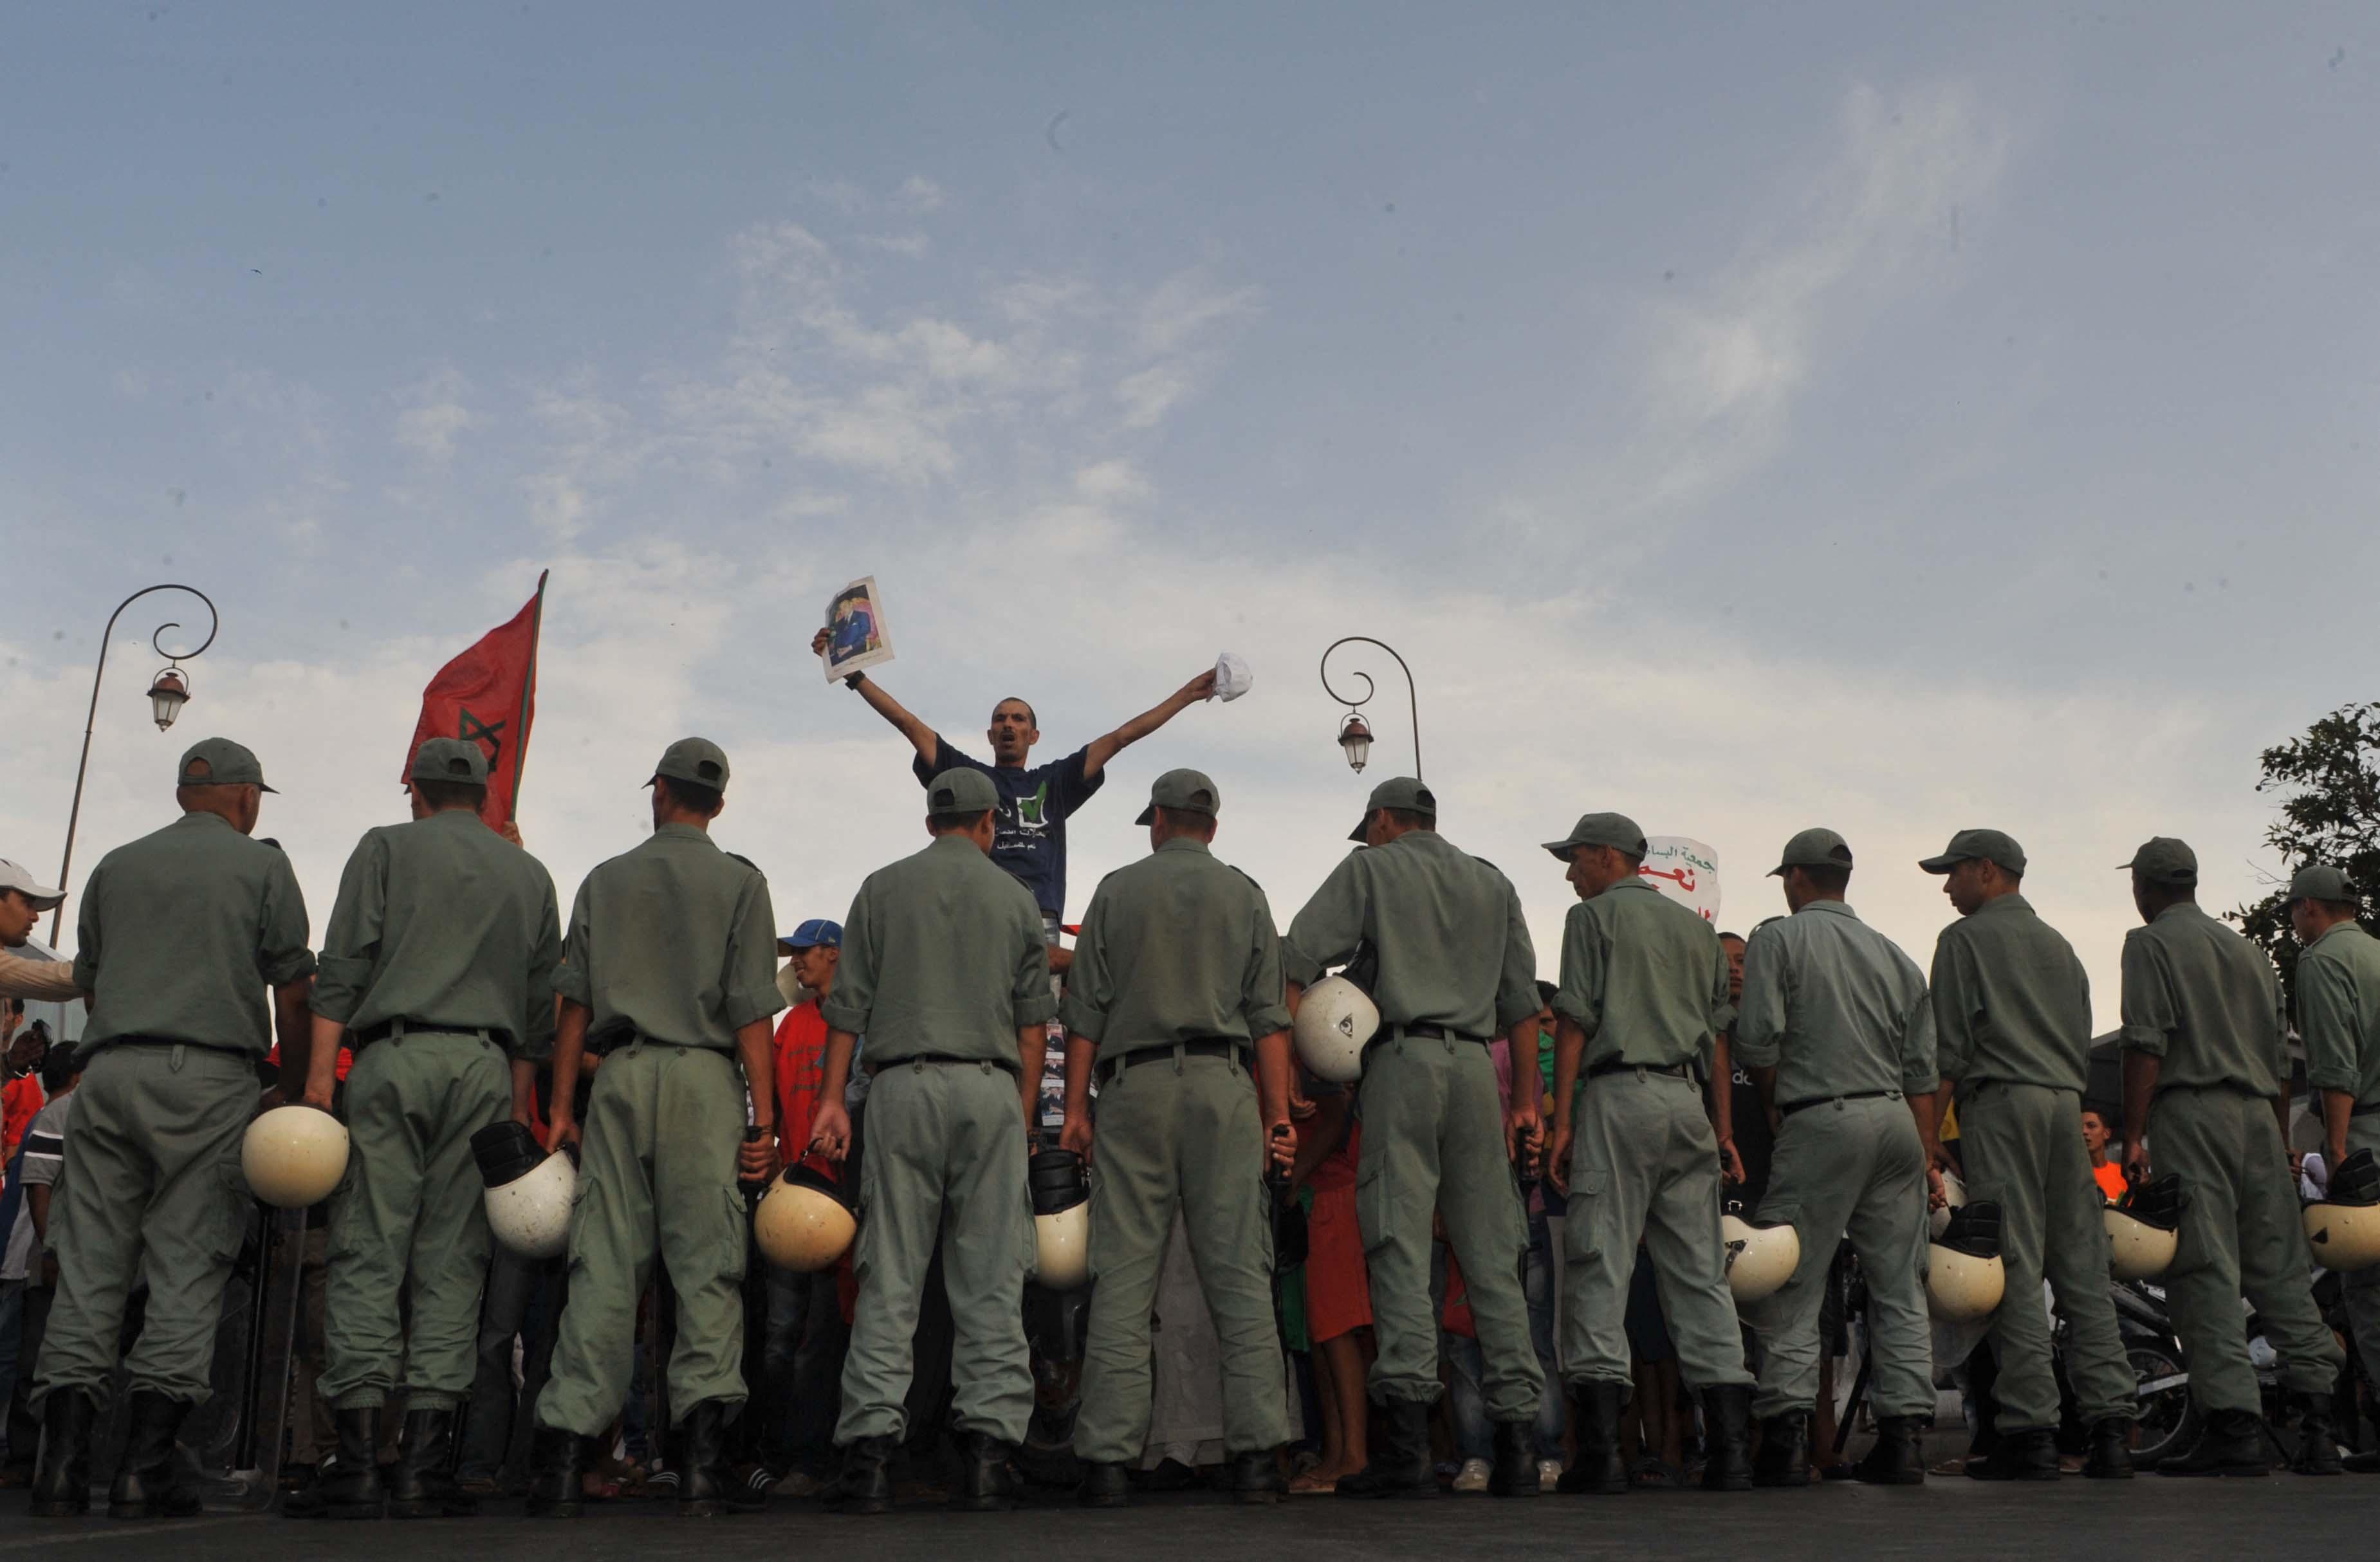 L'exil ou la prison: au Maroc, le triste anniversaire du 20 février 2011